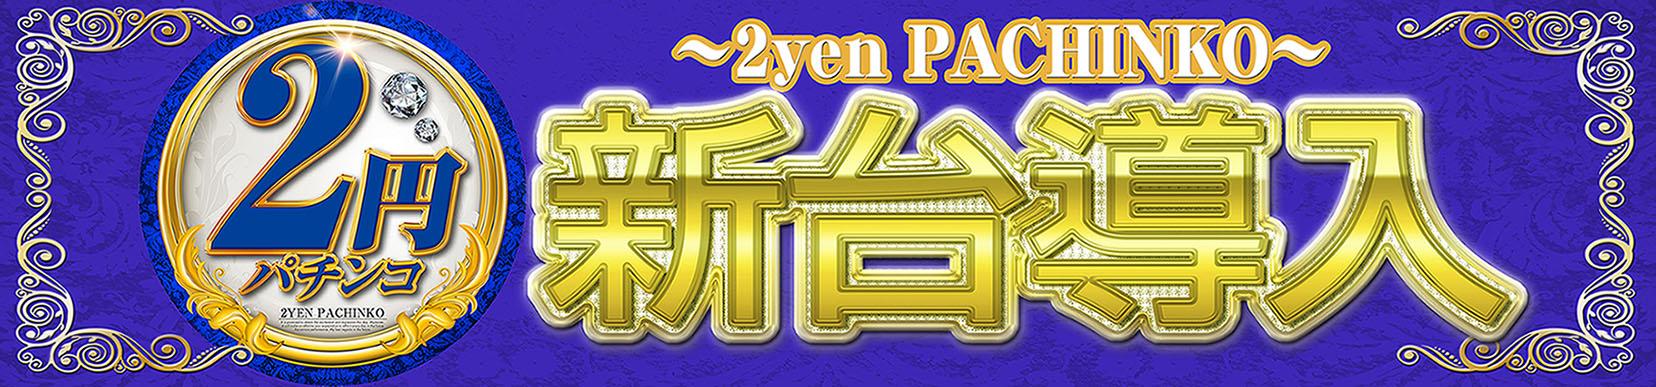 2円タイトル